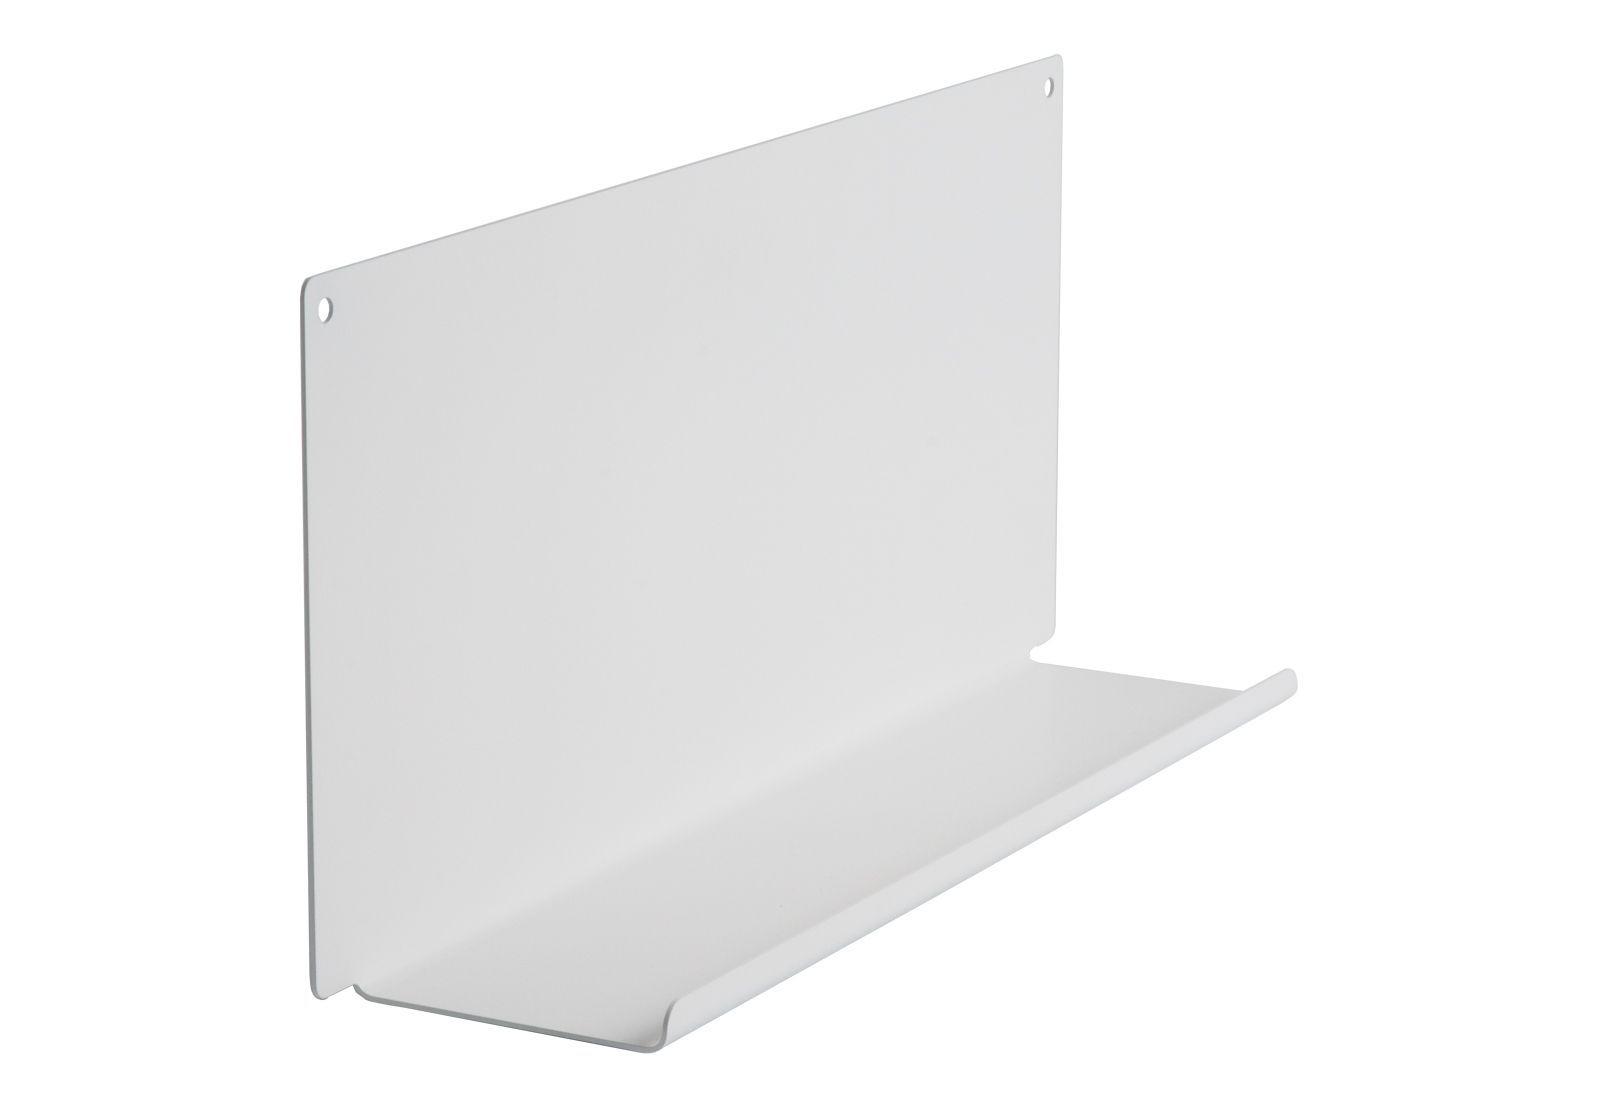 tag re pour salle de bain le 45 x10 cm acier blanc. Black Bedroom Furniture Sets. Home Design Ideas